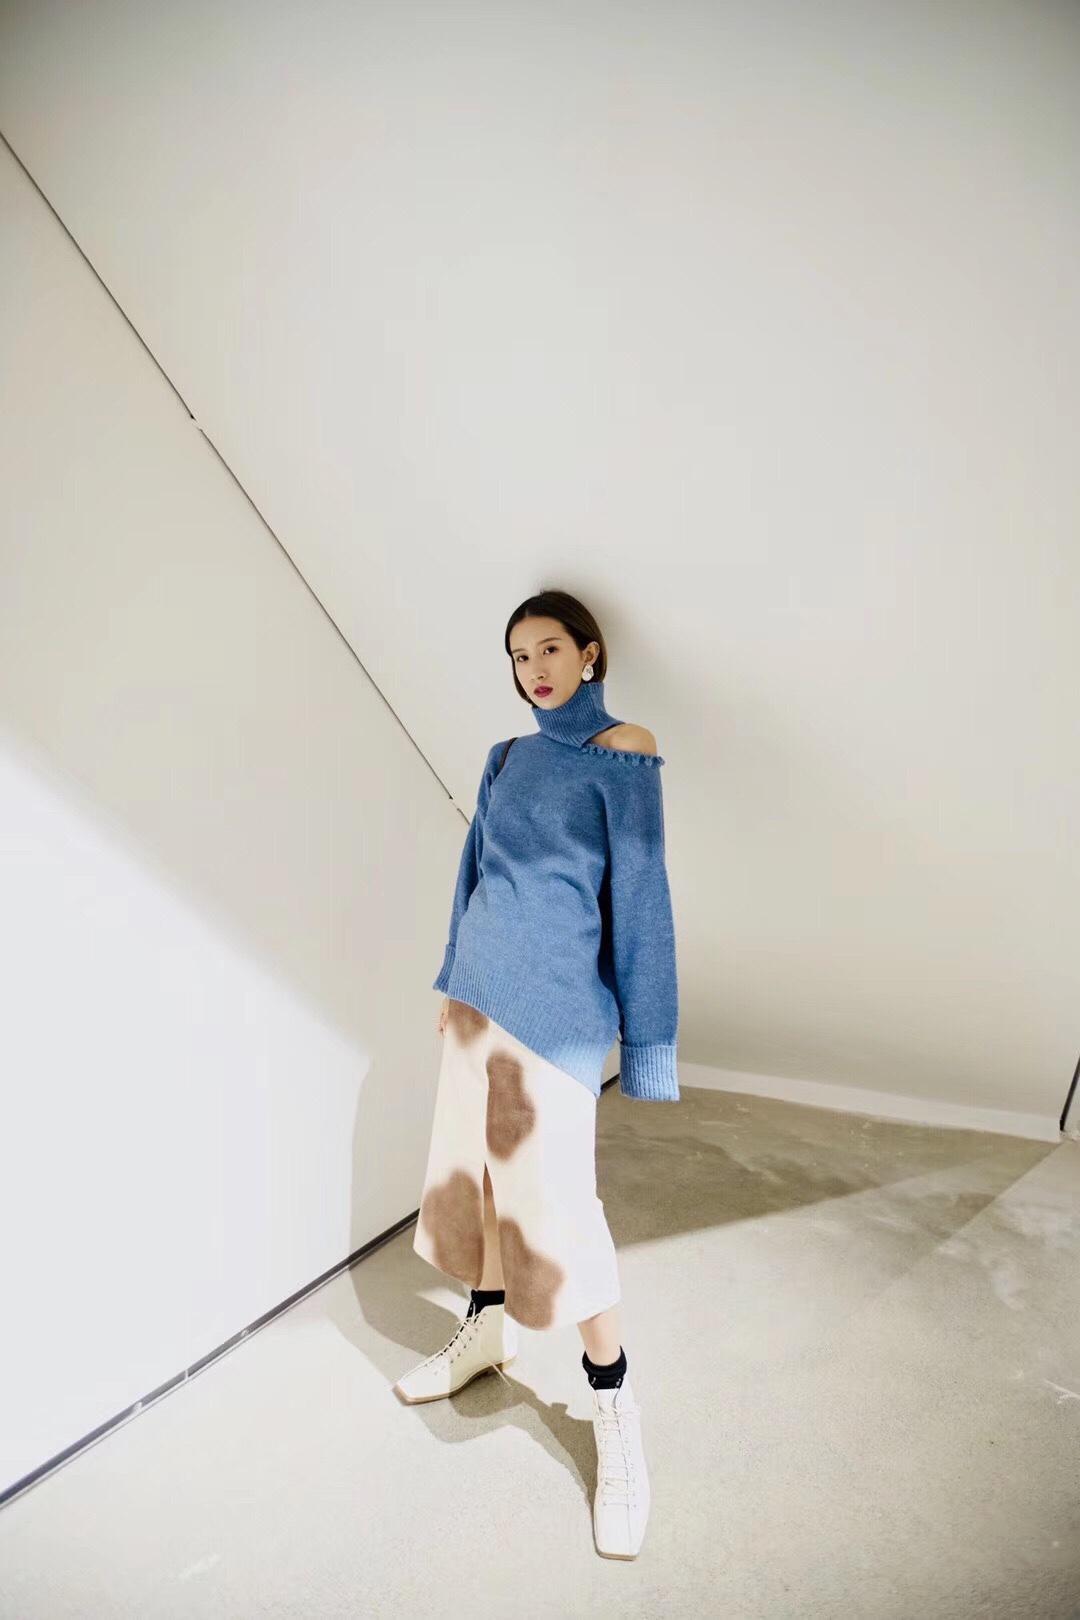 #我穿这套进入最美人间四月天!# yMR设计LOOK|锁骨季 微微露出性感的锁骨 镂空锁边的工艺处理 对细节上花费了小心机 早春既保暖又时髦的一件单品海蓝色毛衣 修饰了较好的颈部线条 搭配了涂鸦薄针织半开叉半裙 选择了弹性的面料 身高上也很有错位感 小个子值得推荐的一套搭配